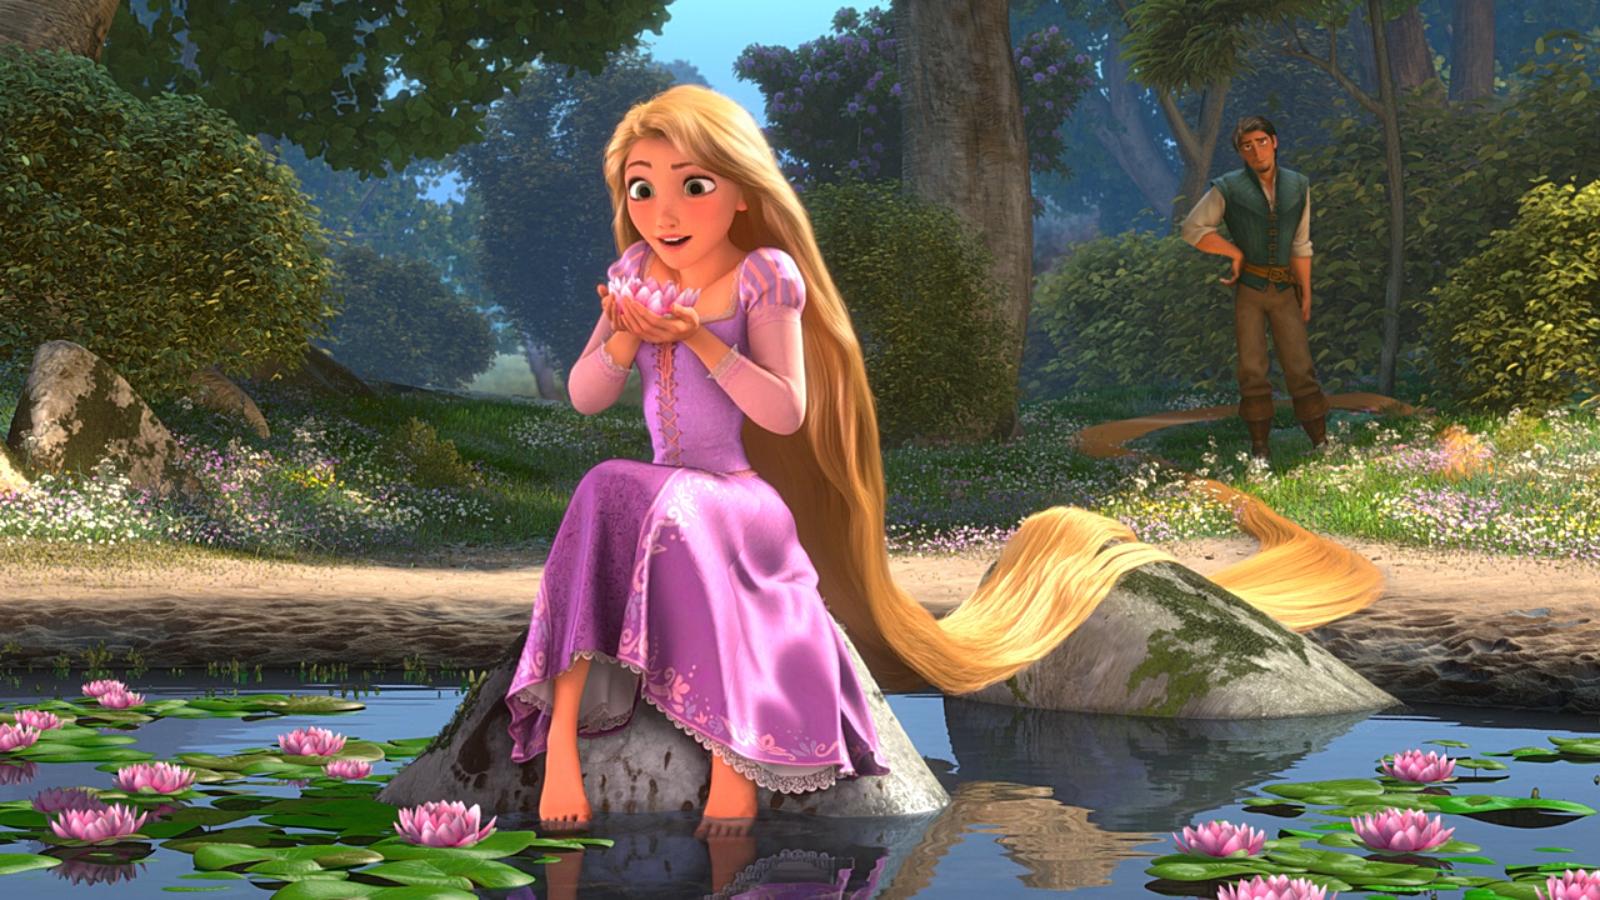 Rapunzel Wallpaper 1600x900